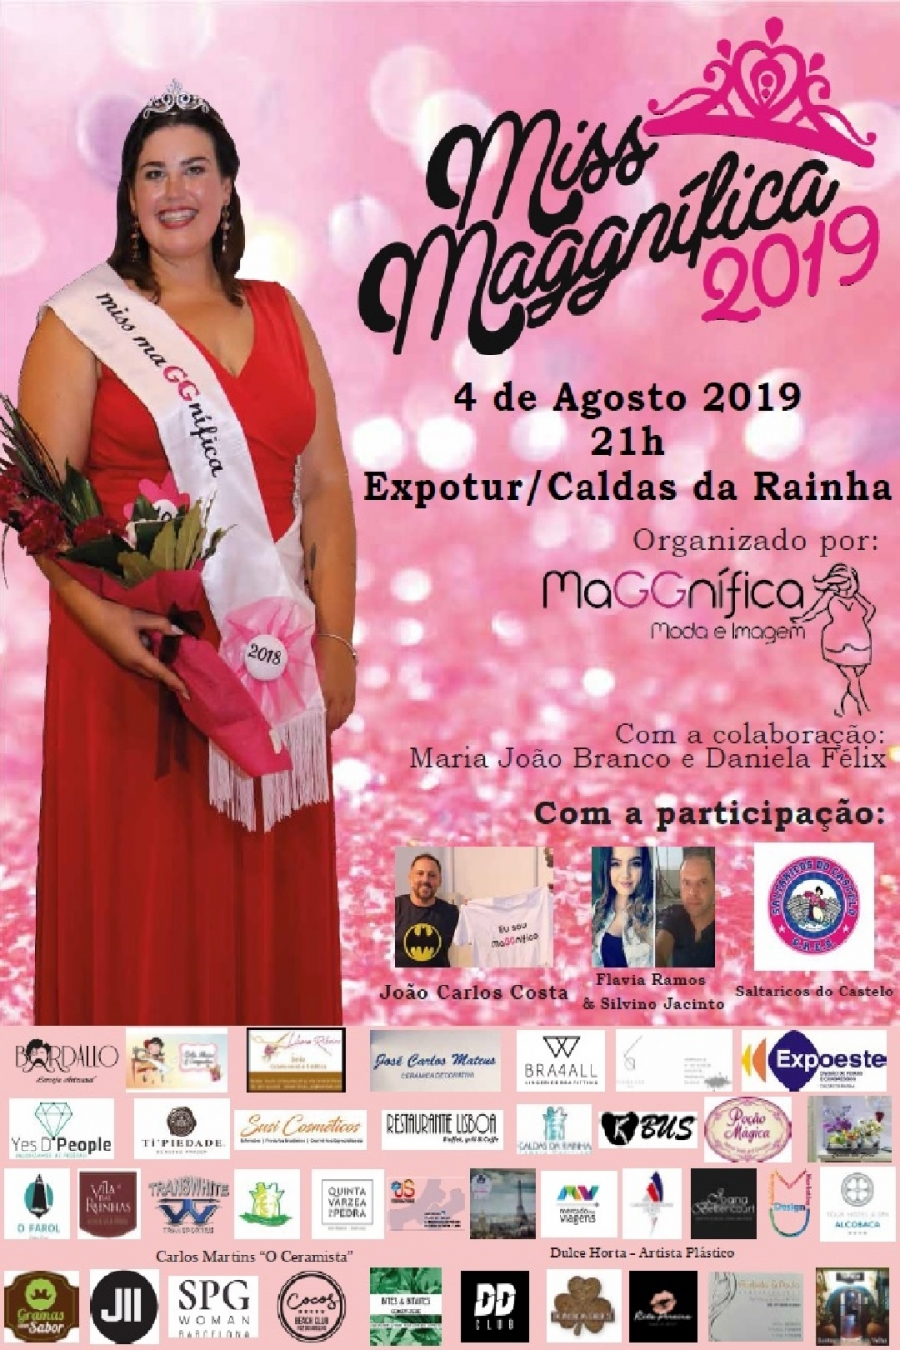 Miss Maggnífica 2019